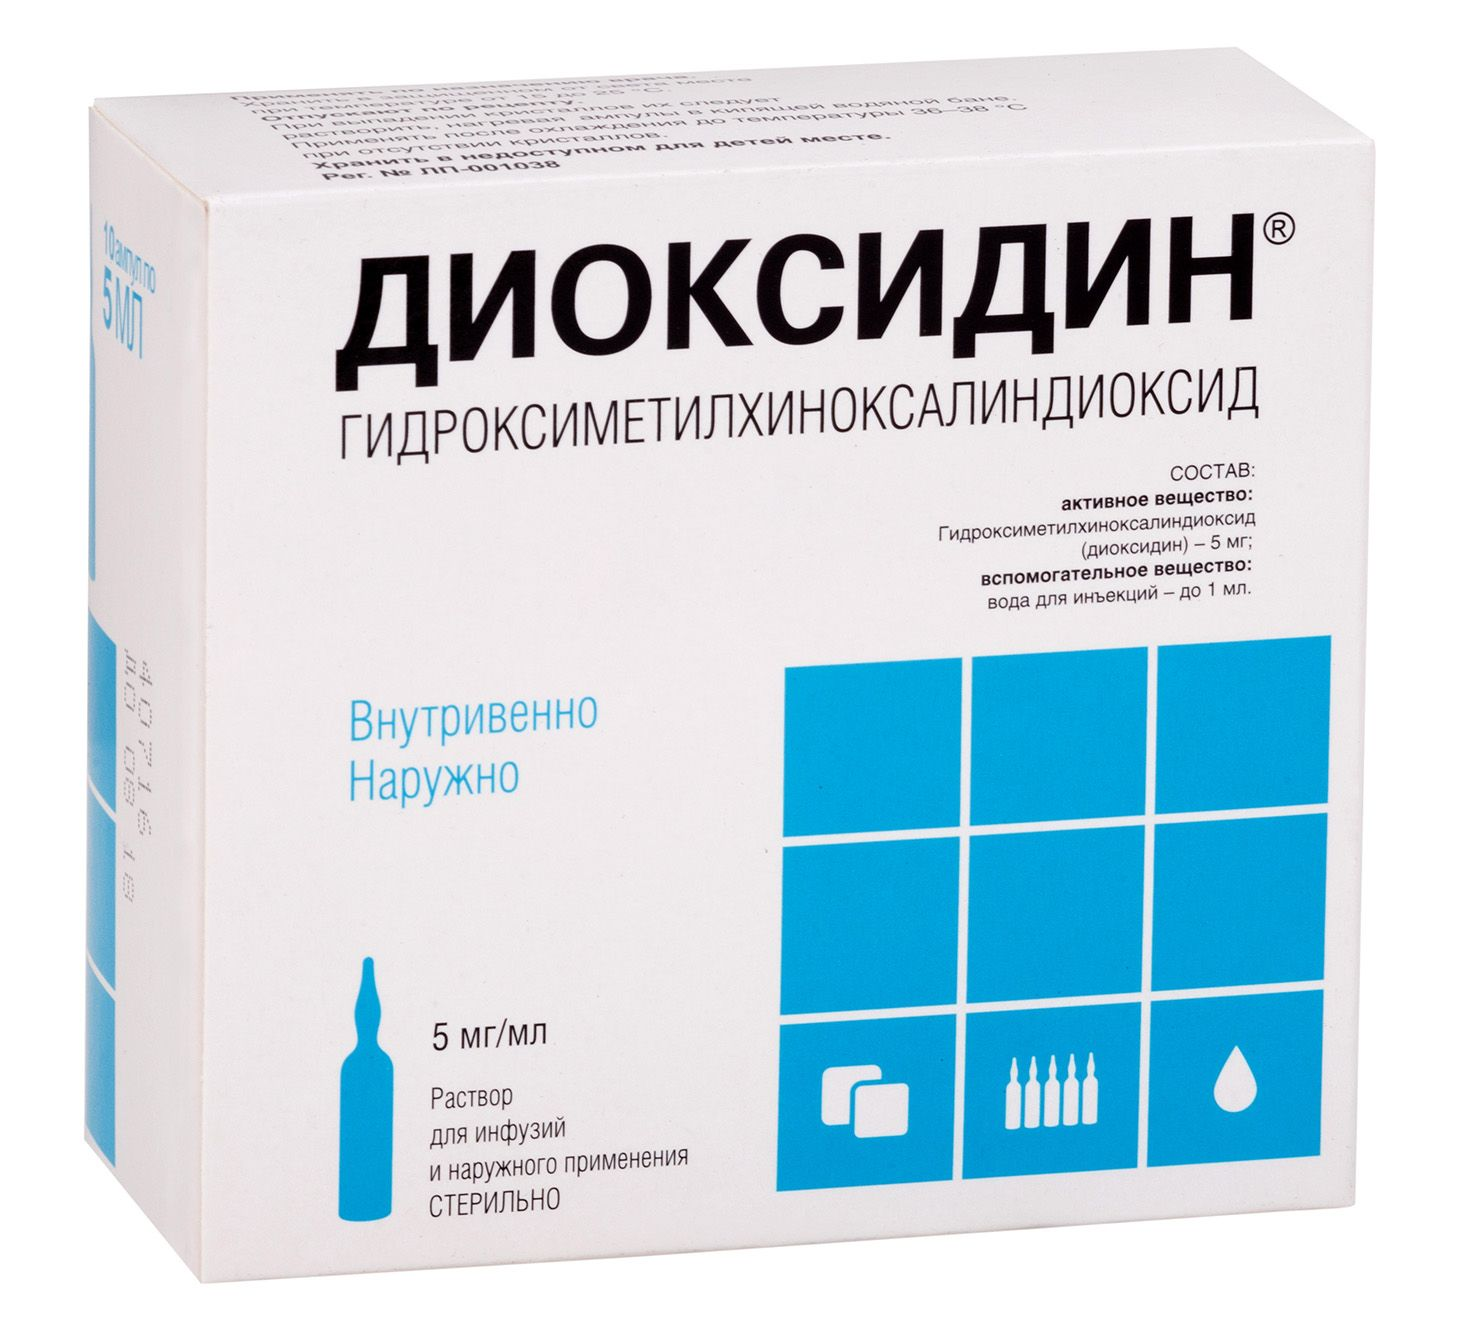 фото упаковки Диоксидин